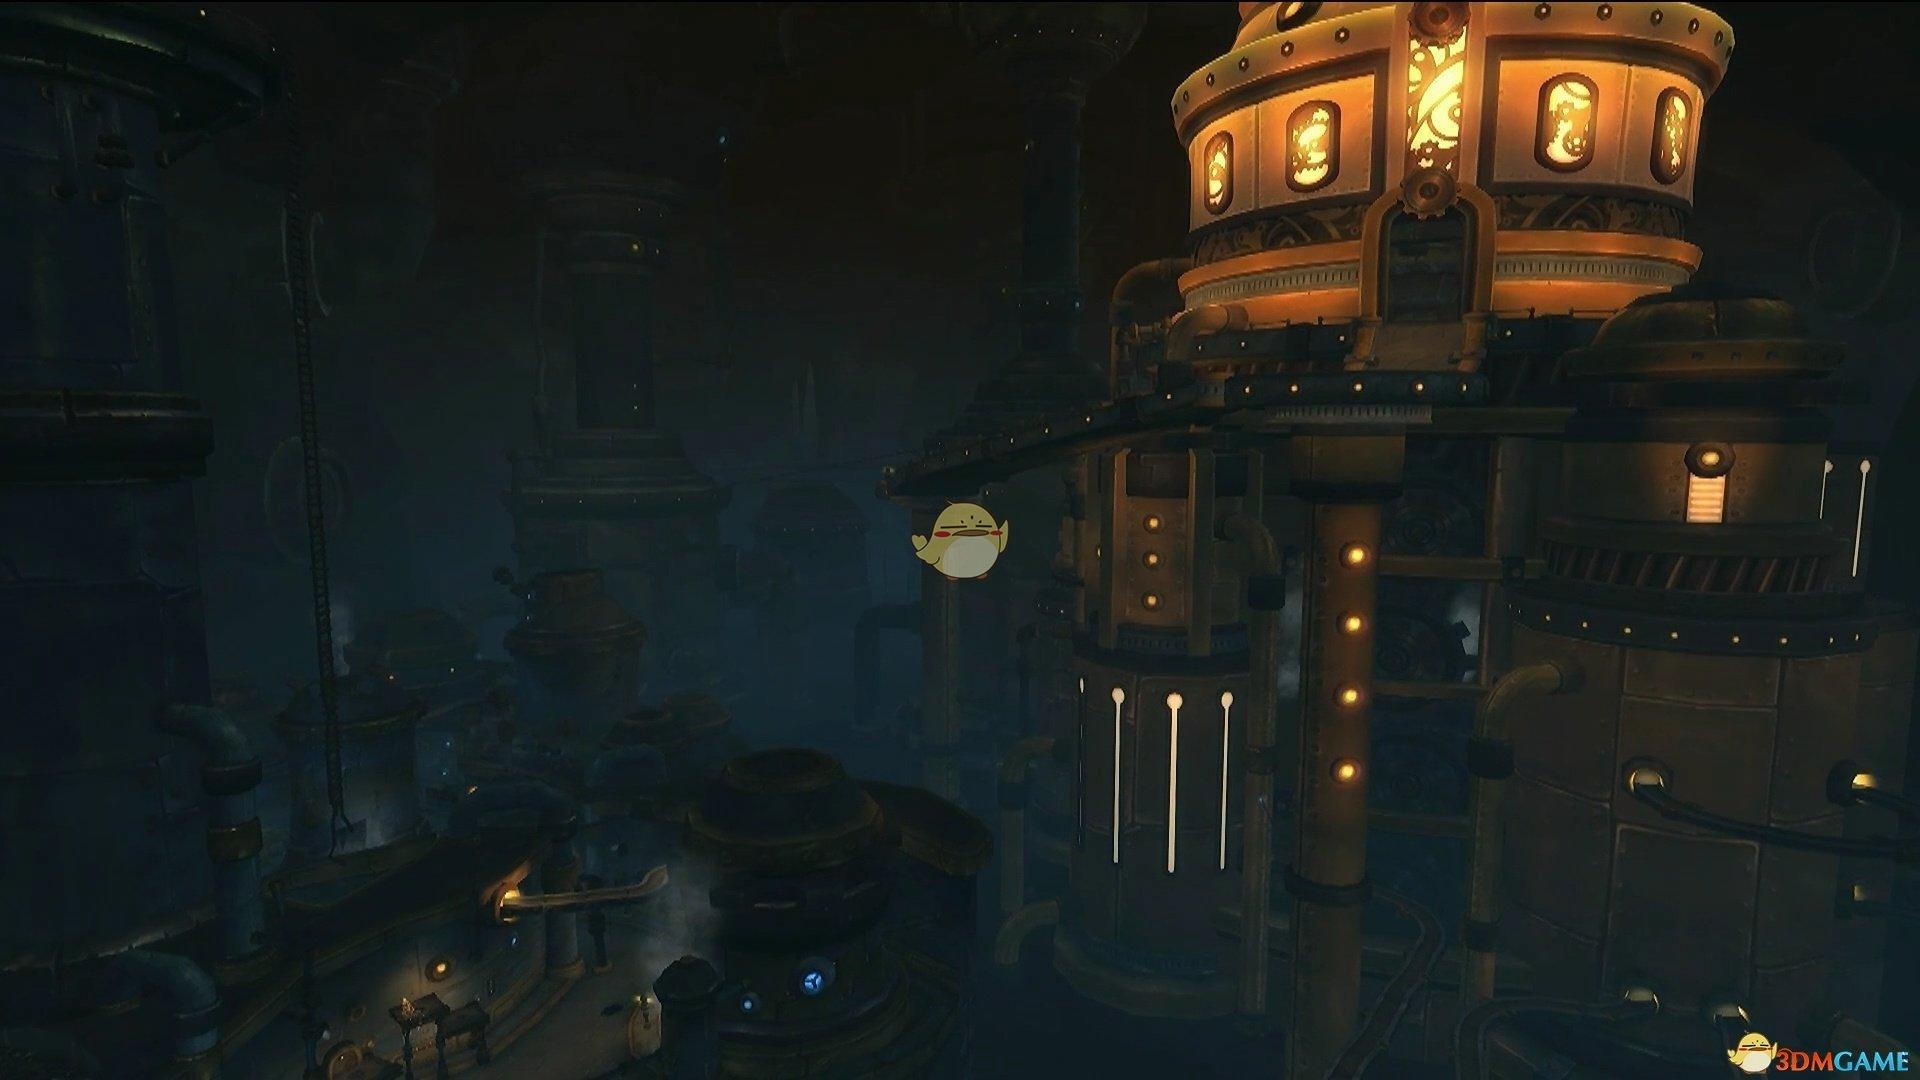 《魔兽世界》8.2副本宏伟都市介绍